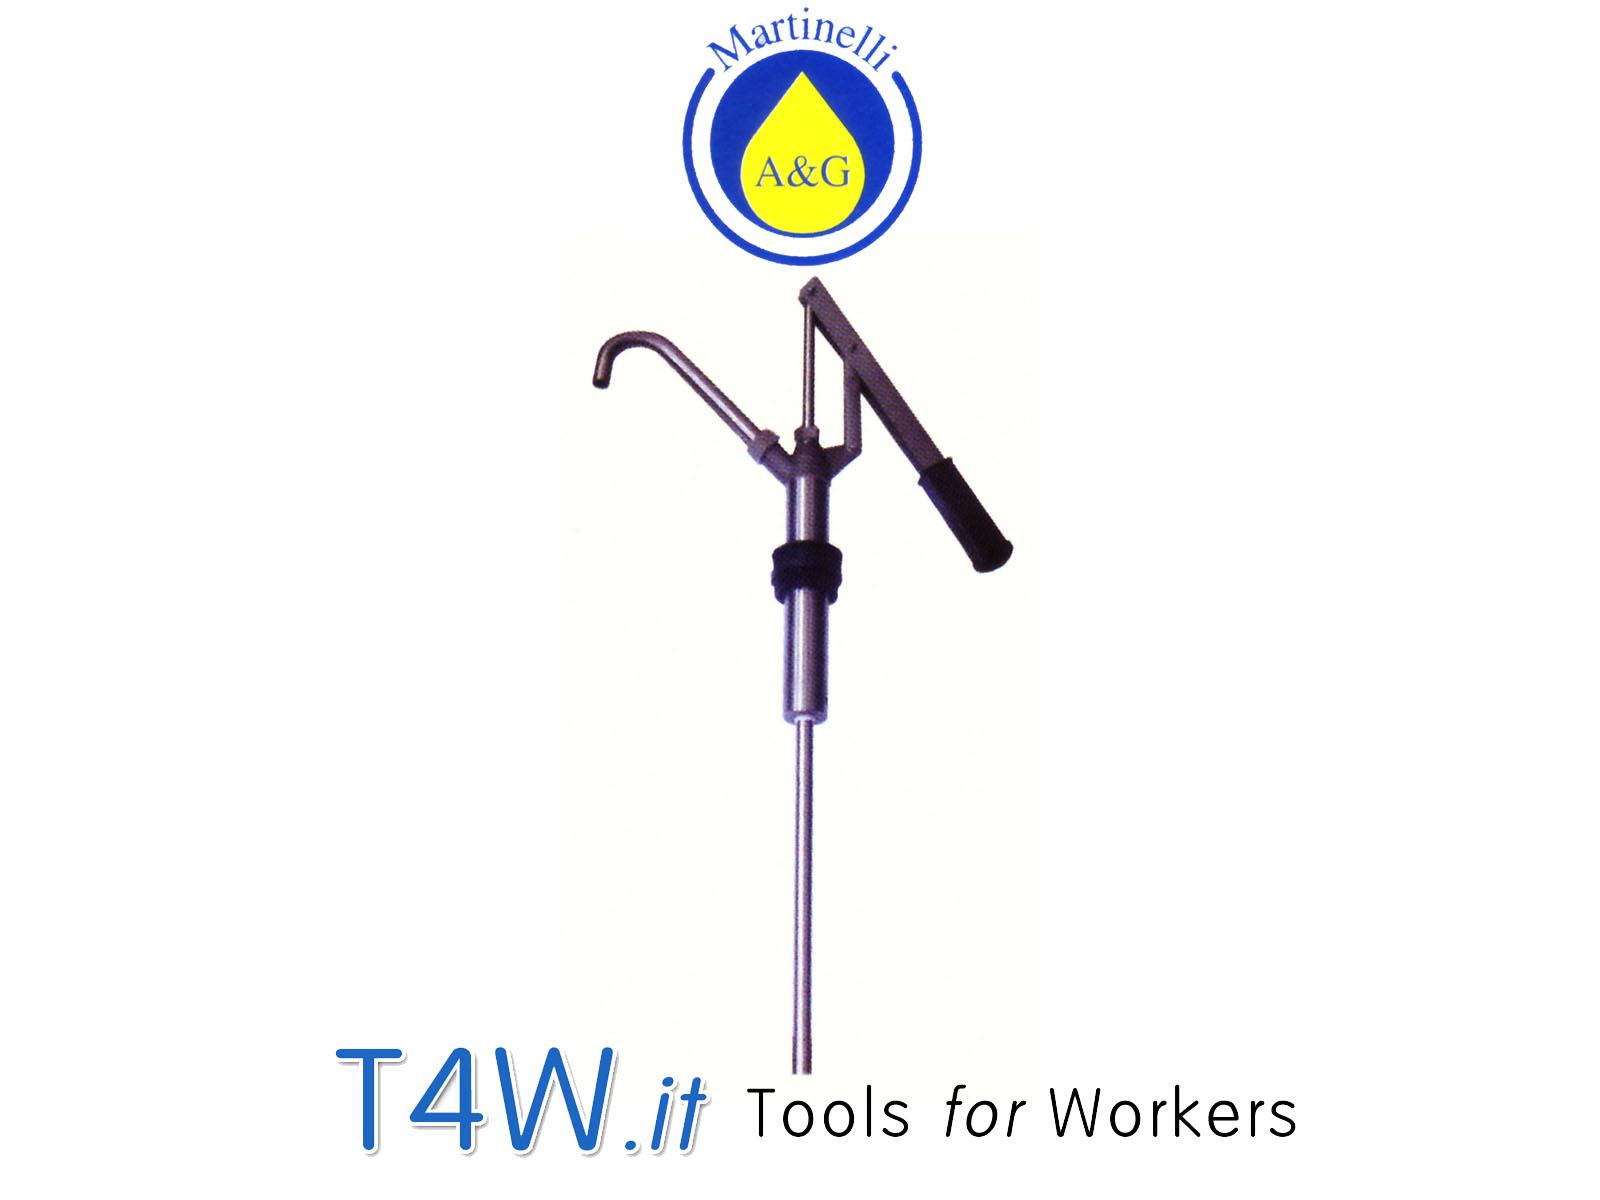 Pompa travaso acciaio inox Art. 3420 Martinelli -